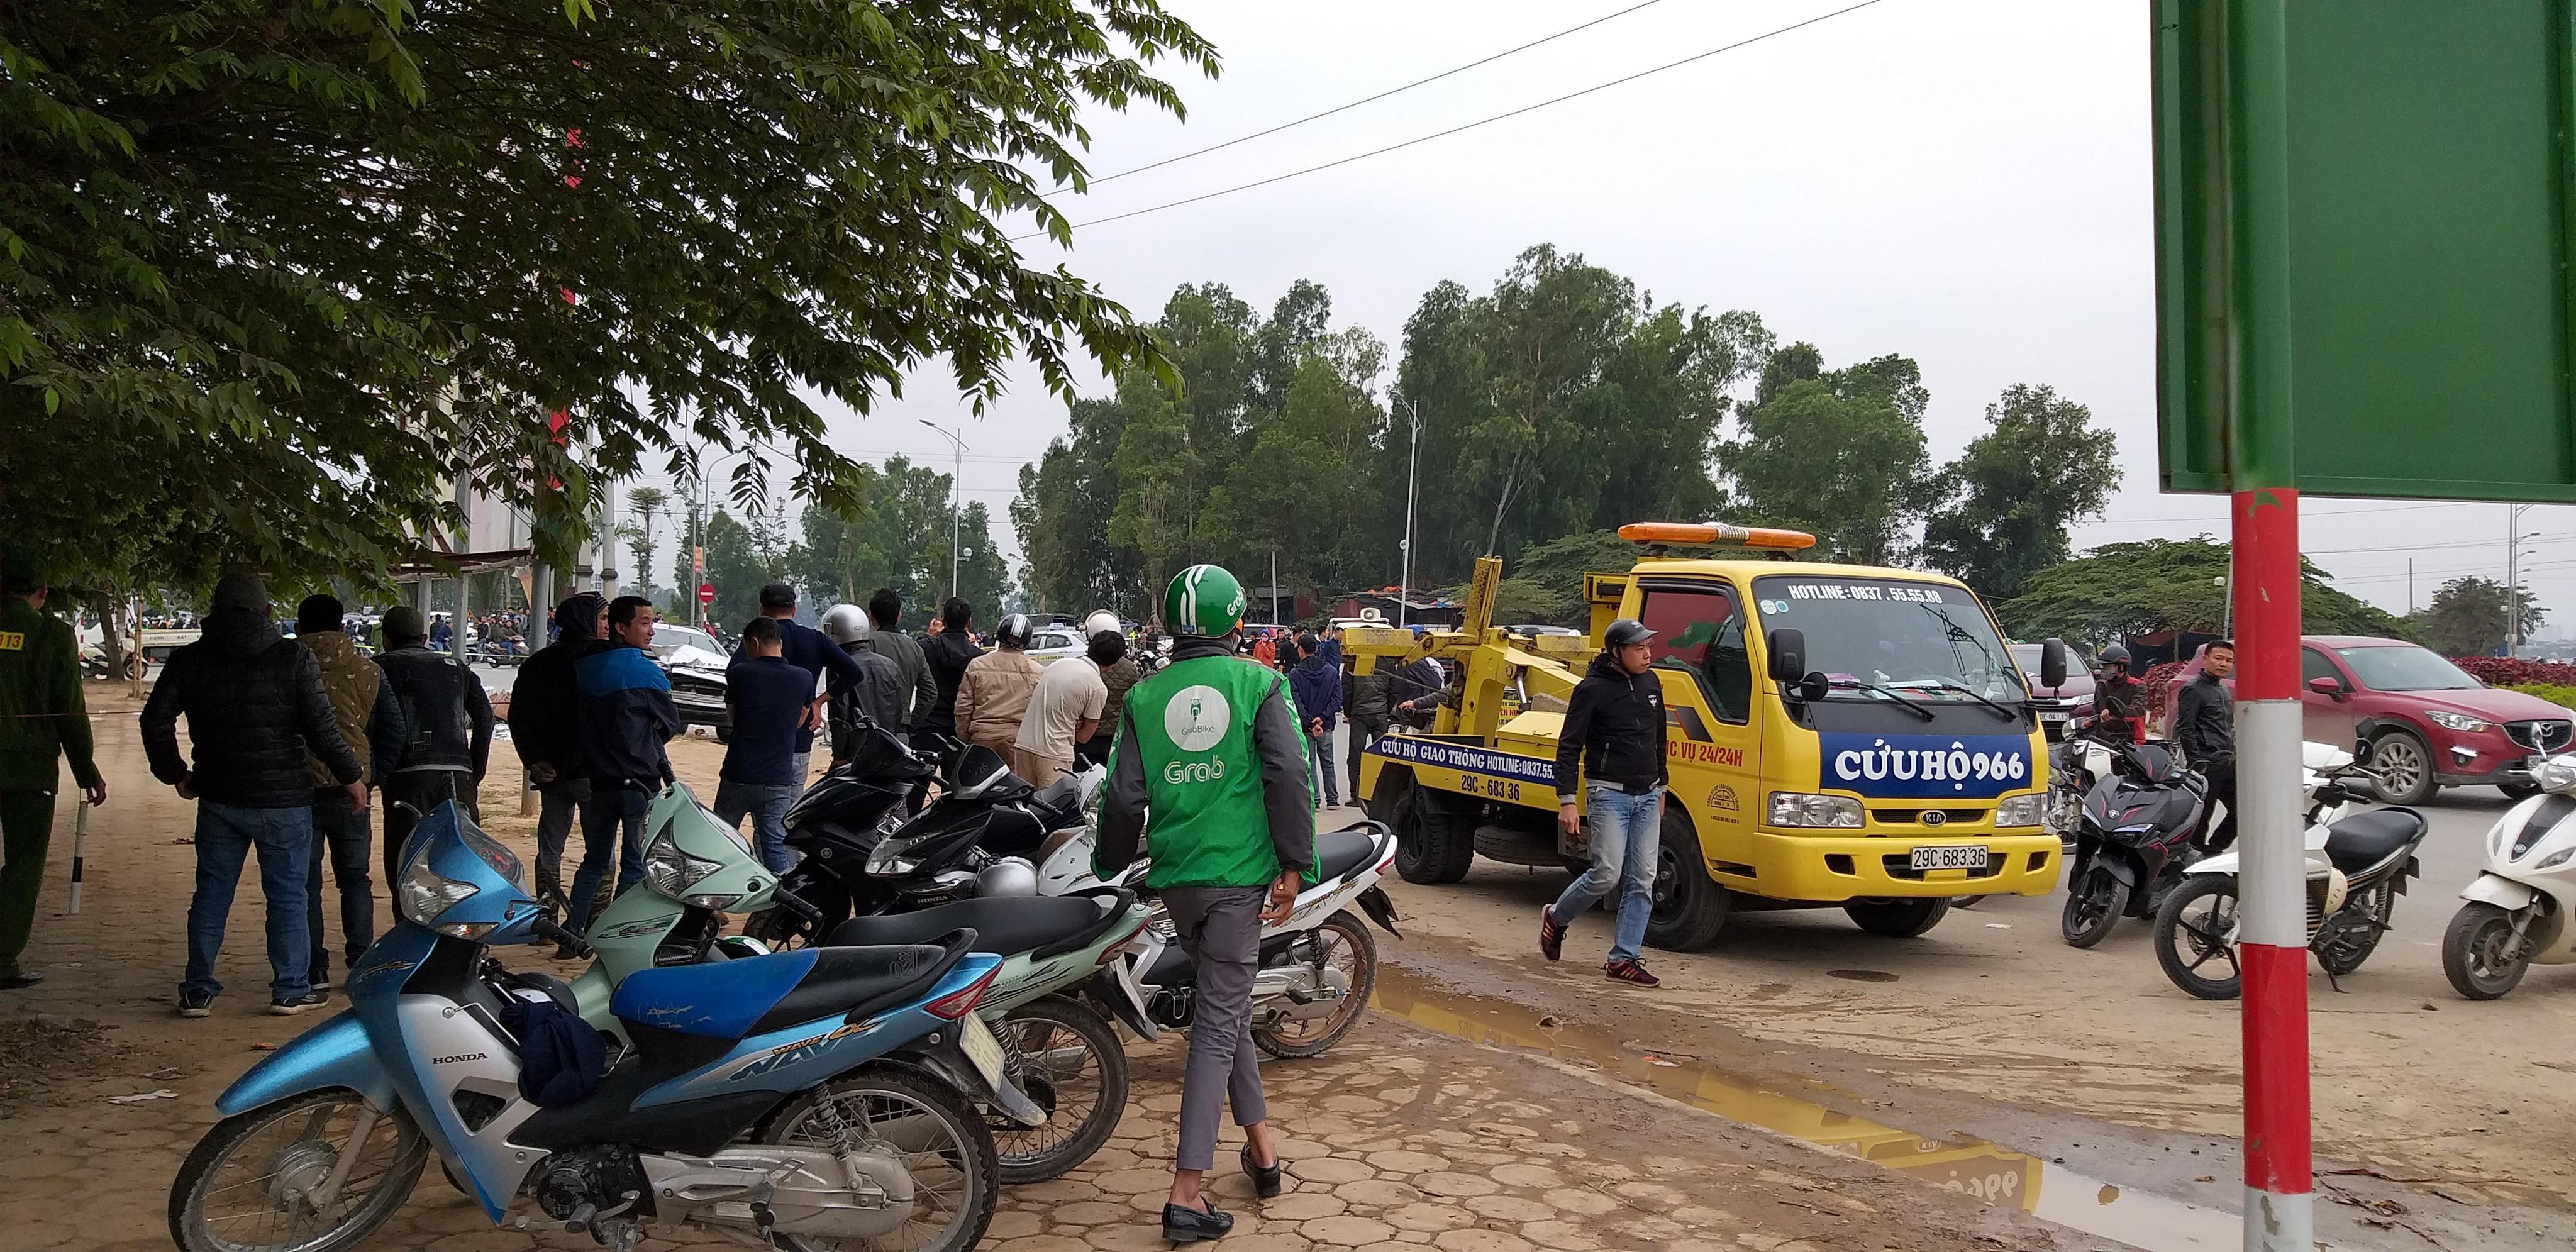 Cả xe cứu hộ cũng được đưa đến hiện trường